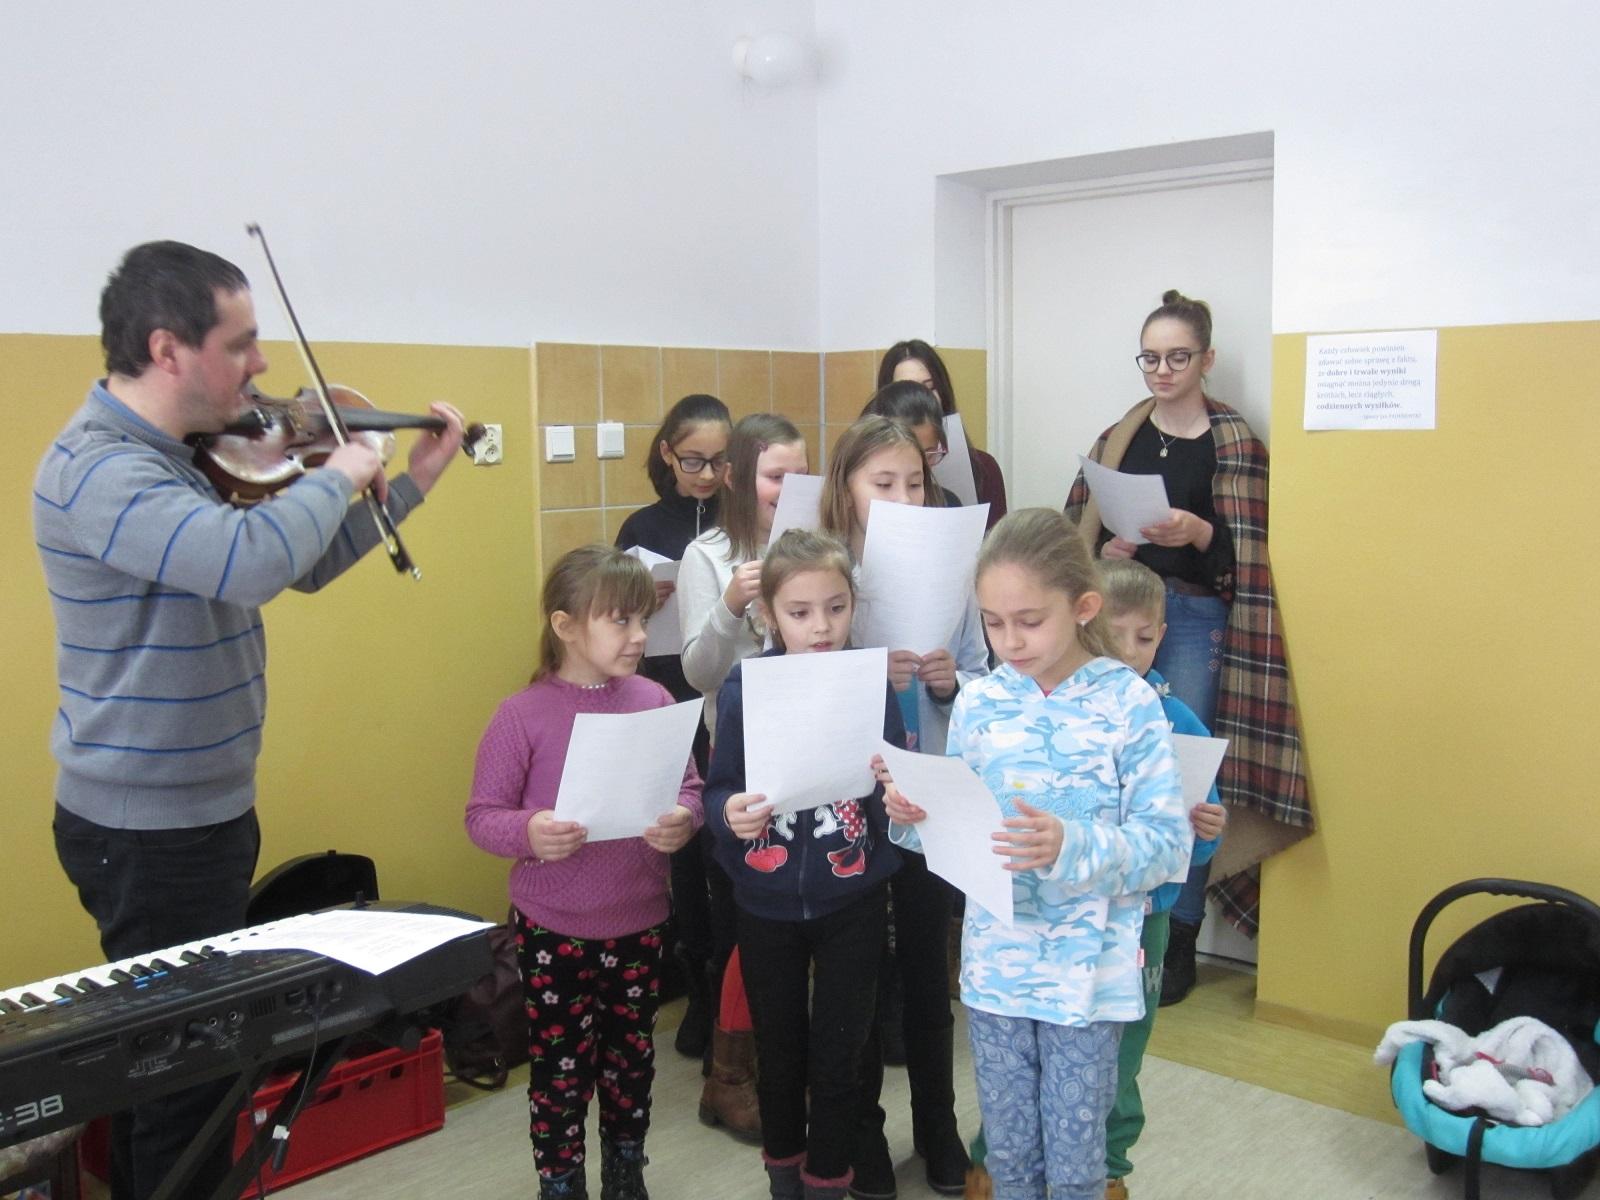 grupa dziesięciu dzieci. Każde z nich spogląda na trzymaną przed sobą kartkę papieru. Obok mężczyzna grający na skrzypcach.